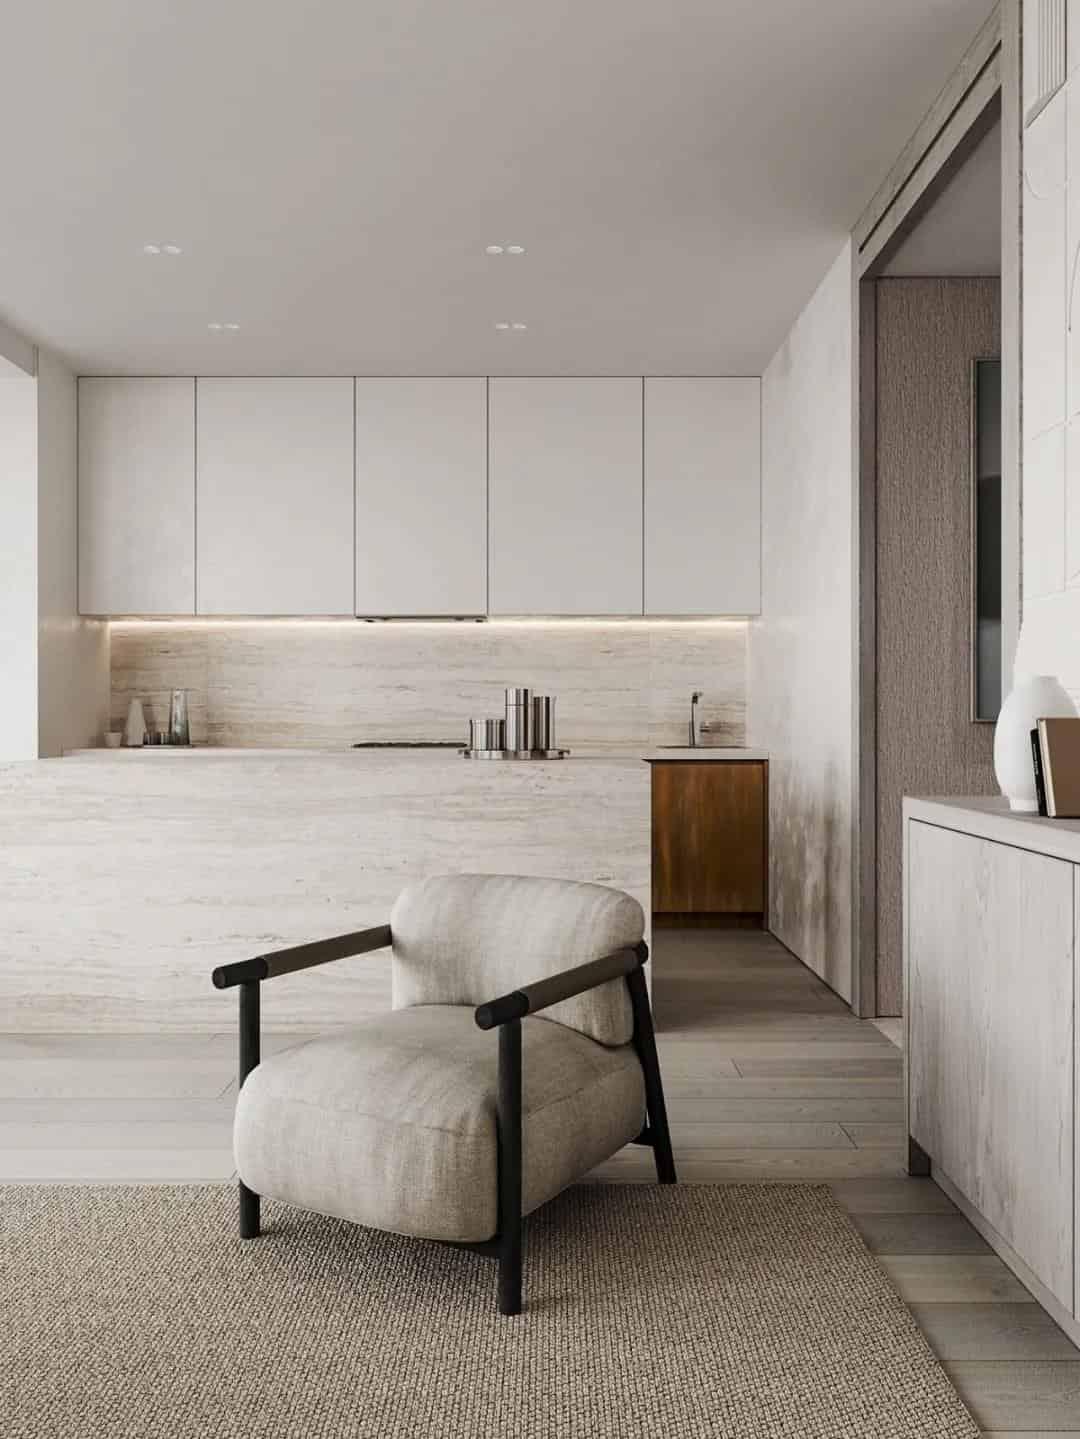 個性有格調的現代住宅室內設計!